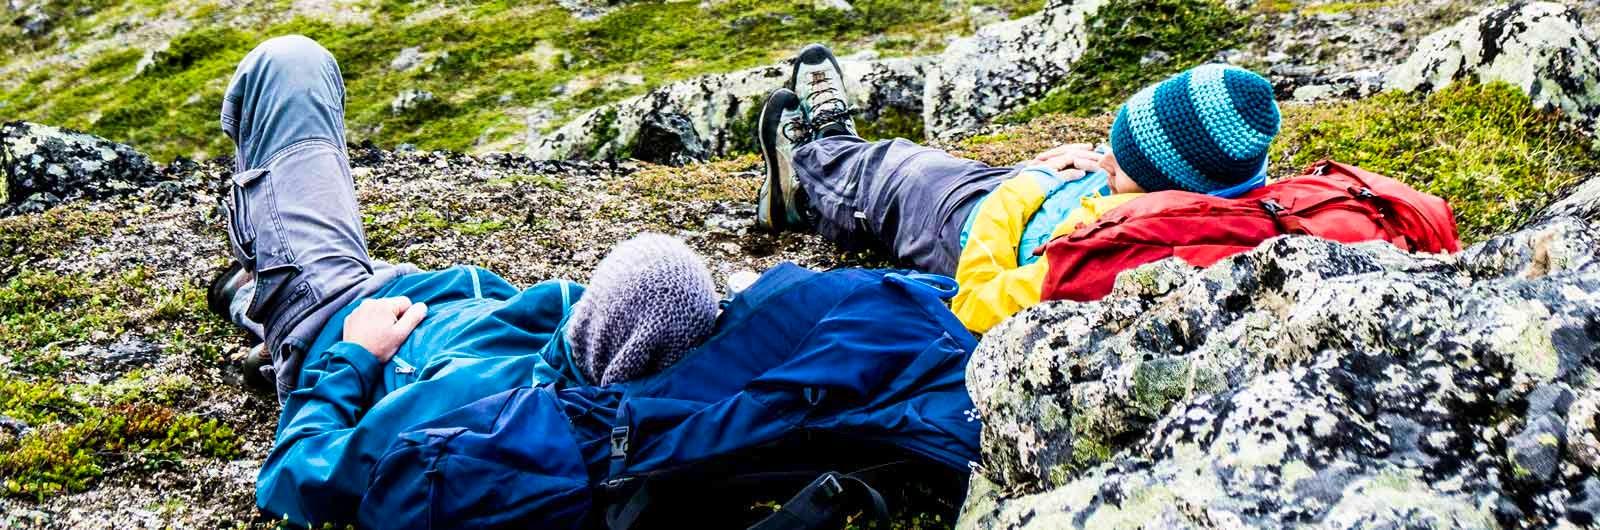 Vandrare vilar mot stenblock